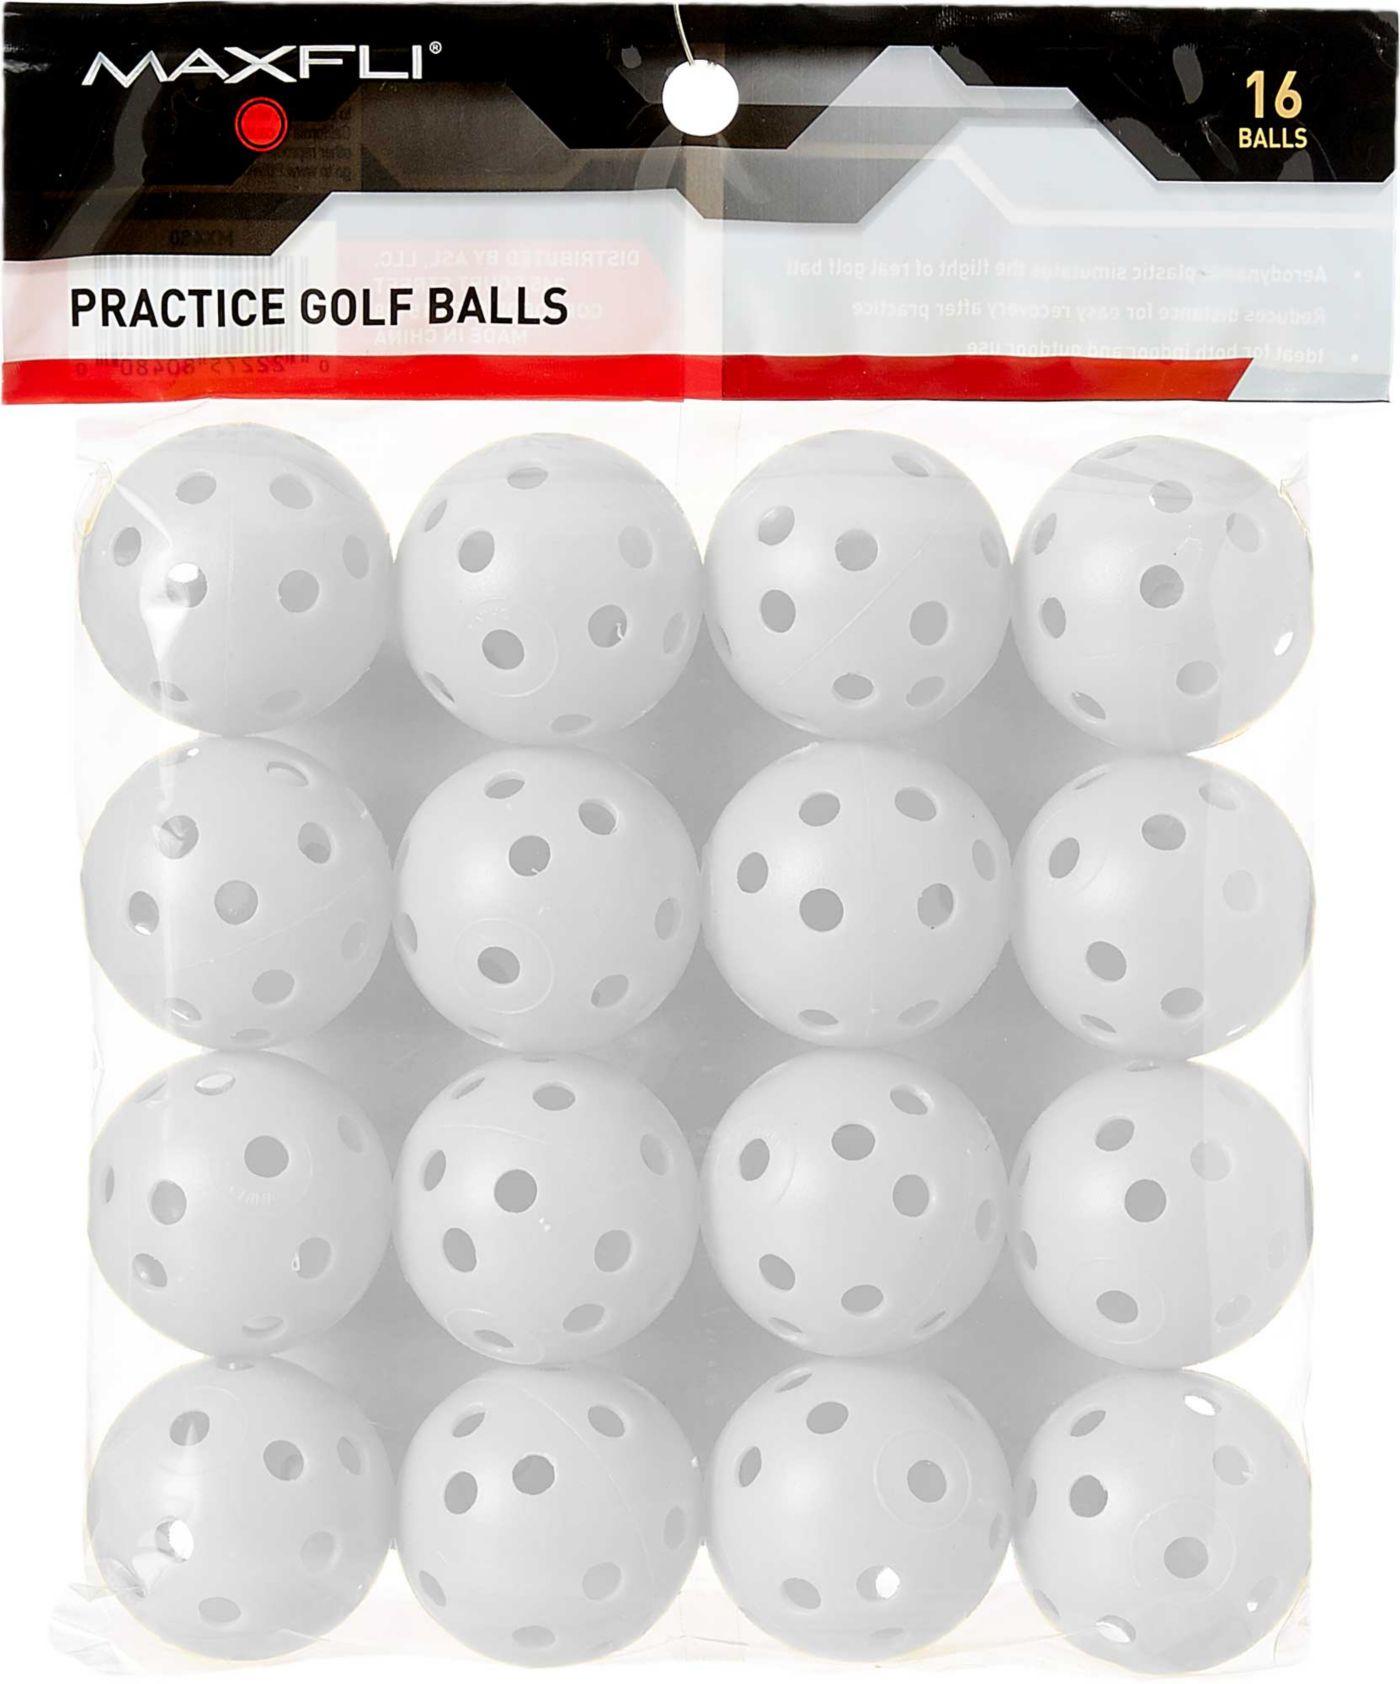 Maxfli Plastic Practice Balls - 16-Pack